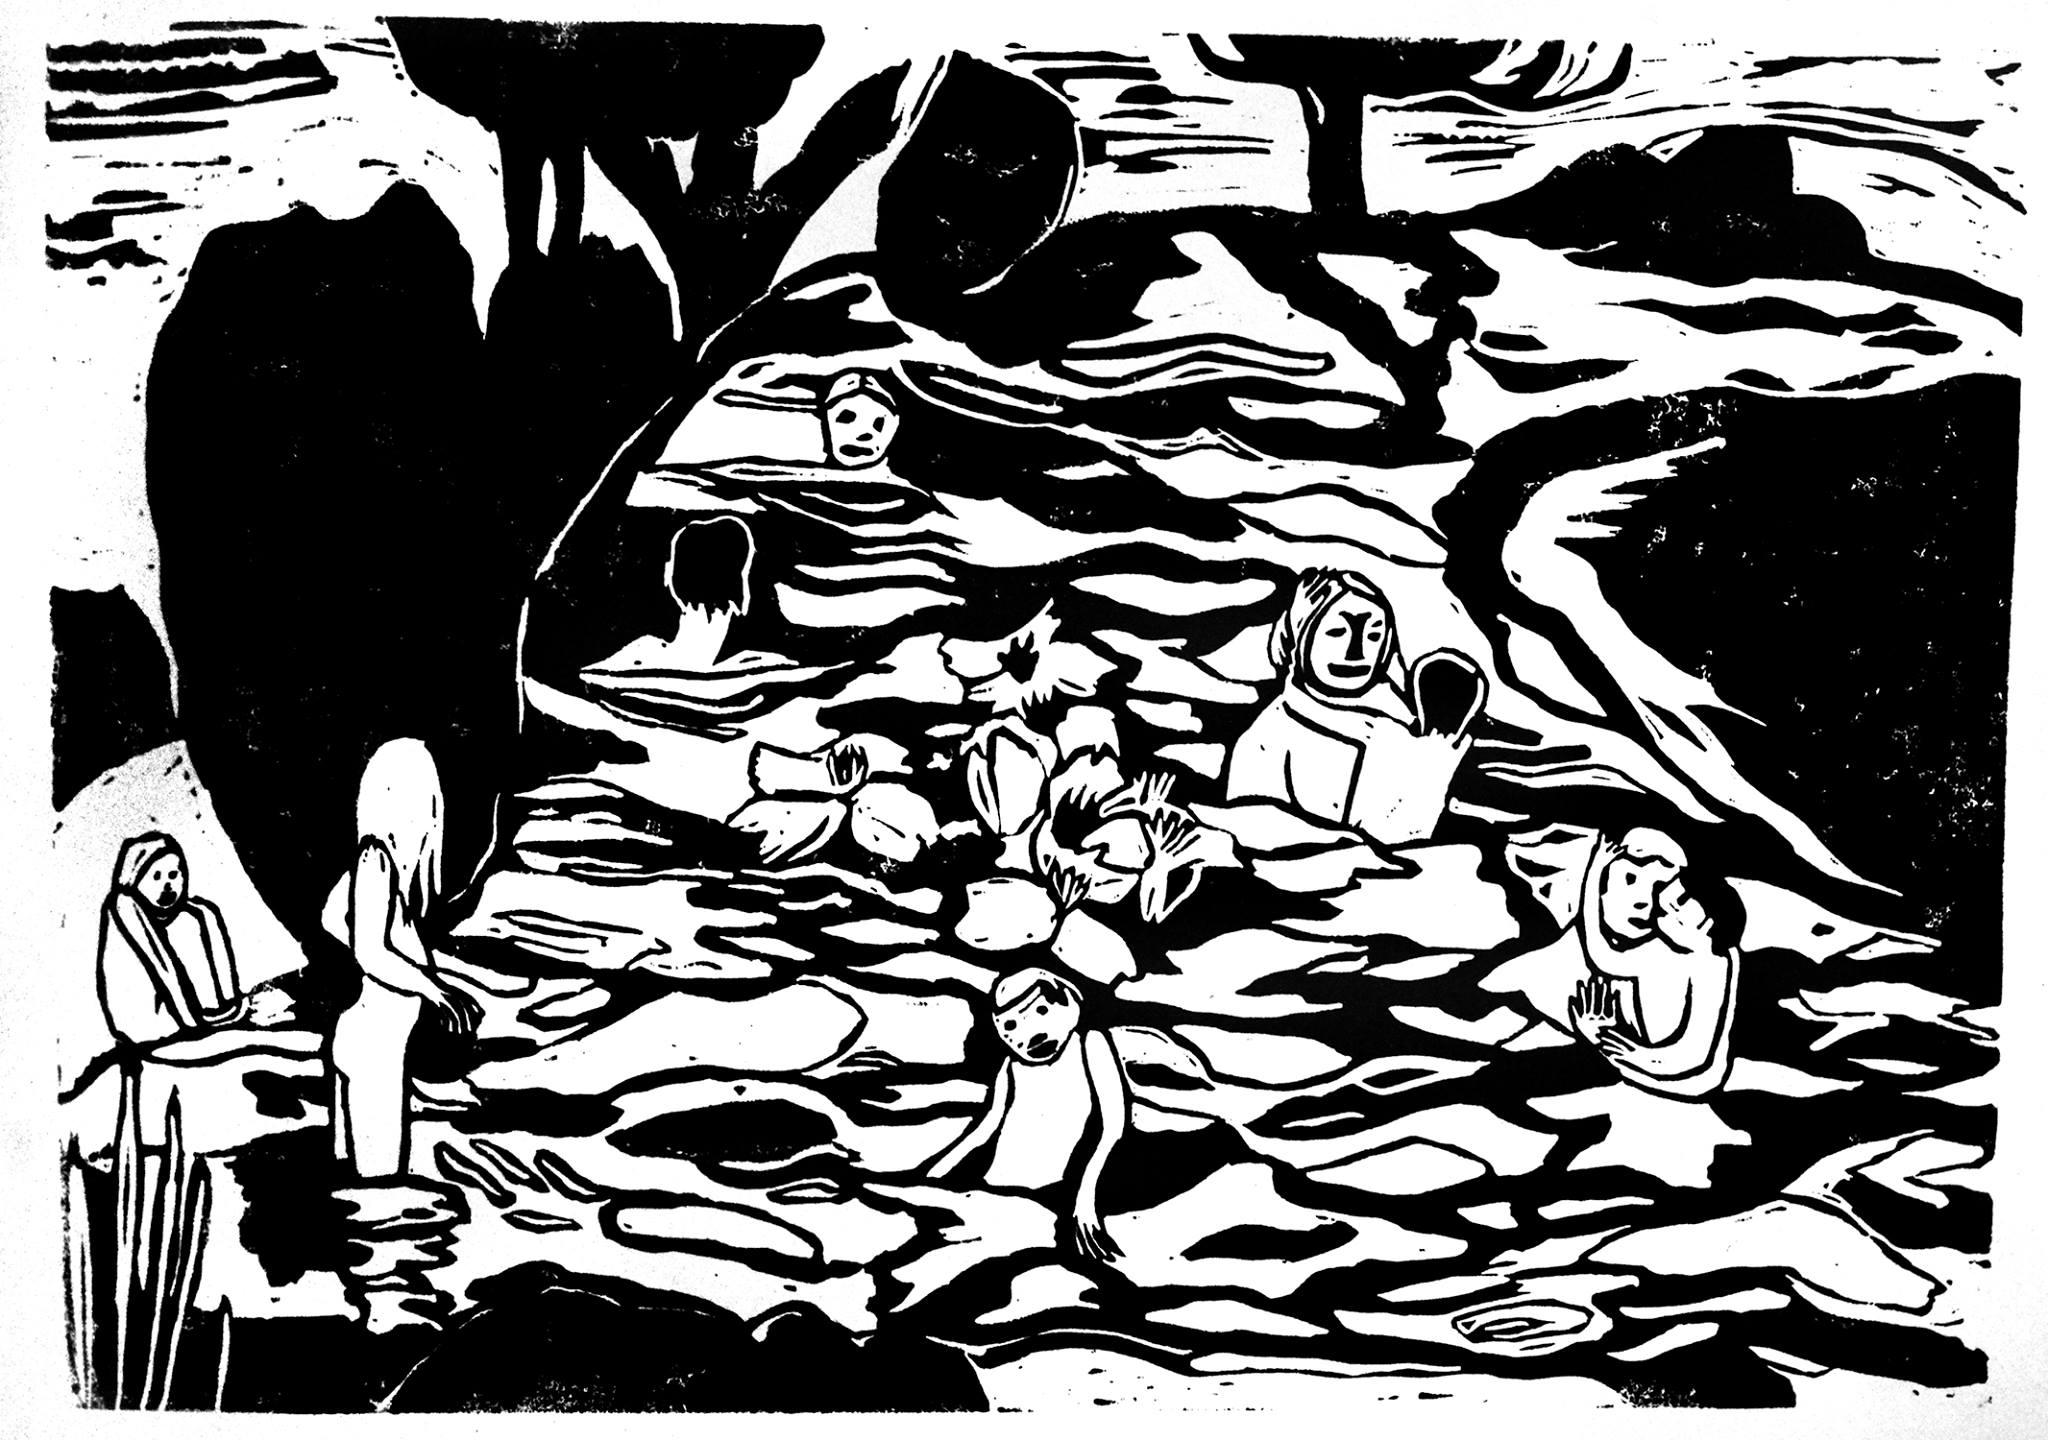 La rivière des morts